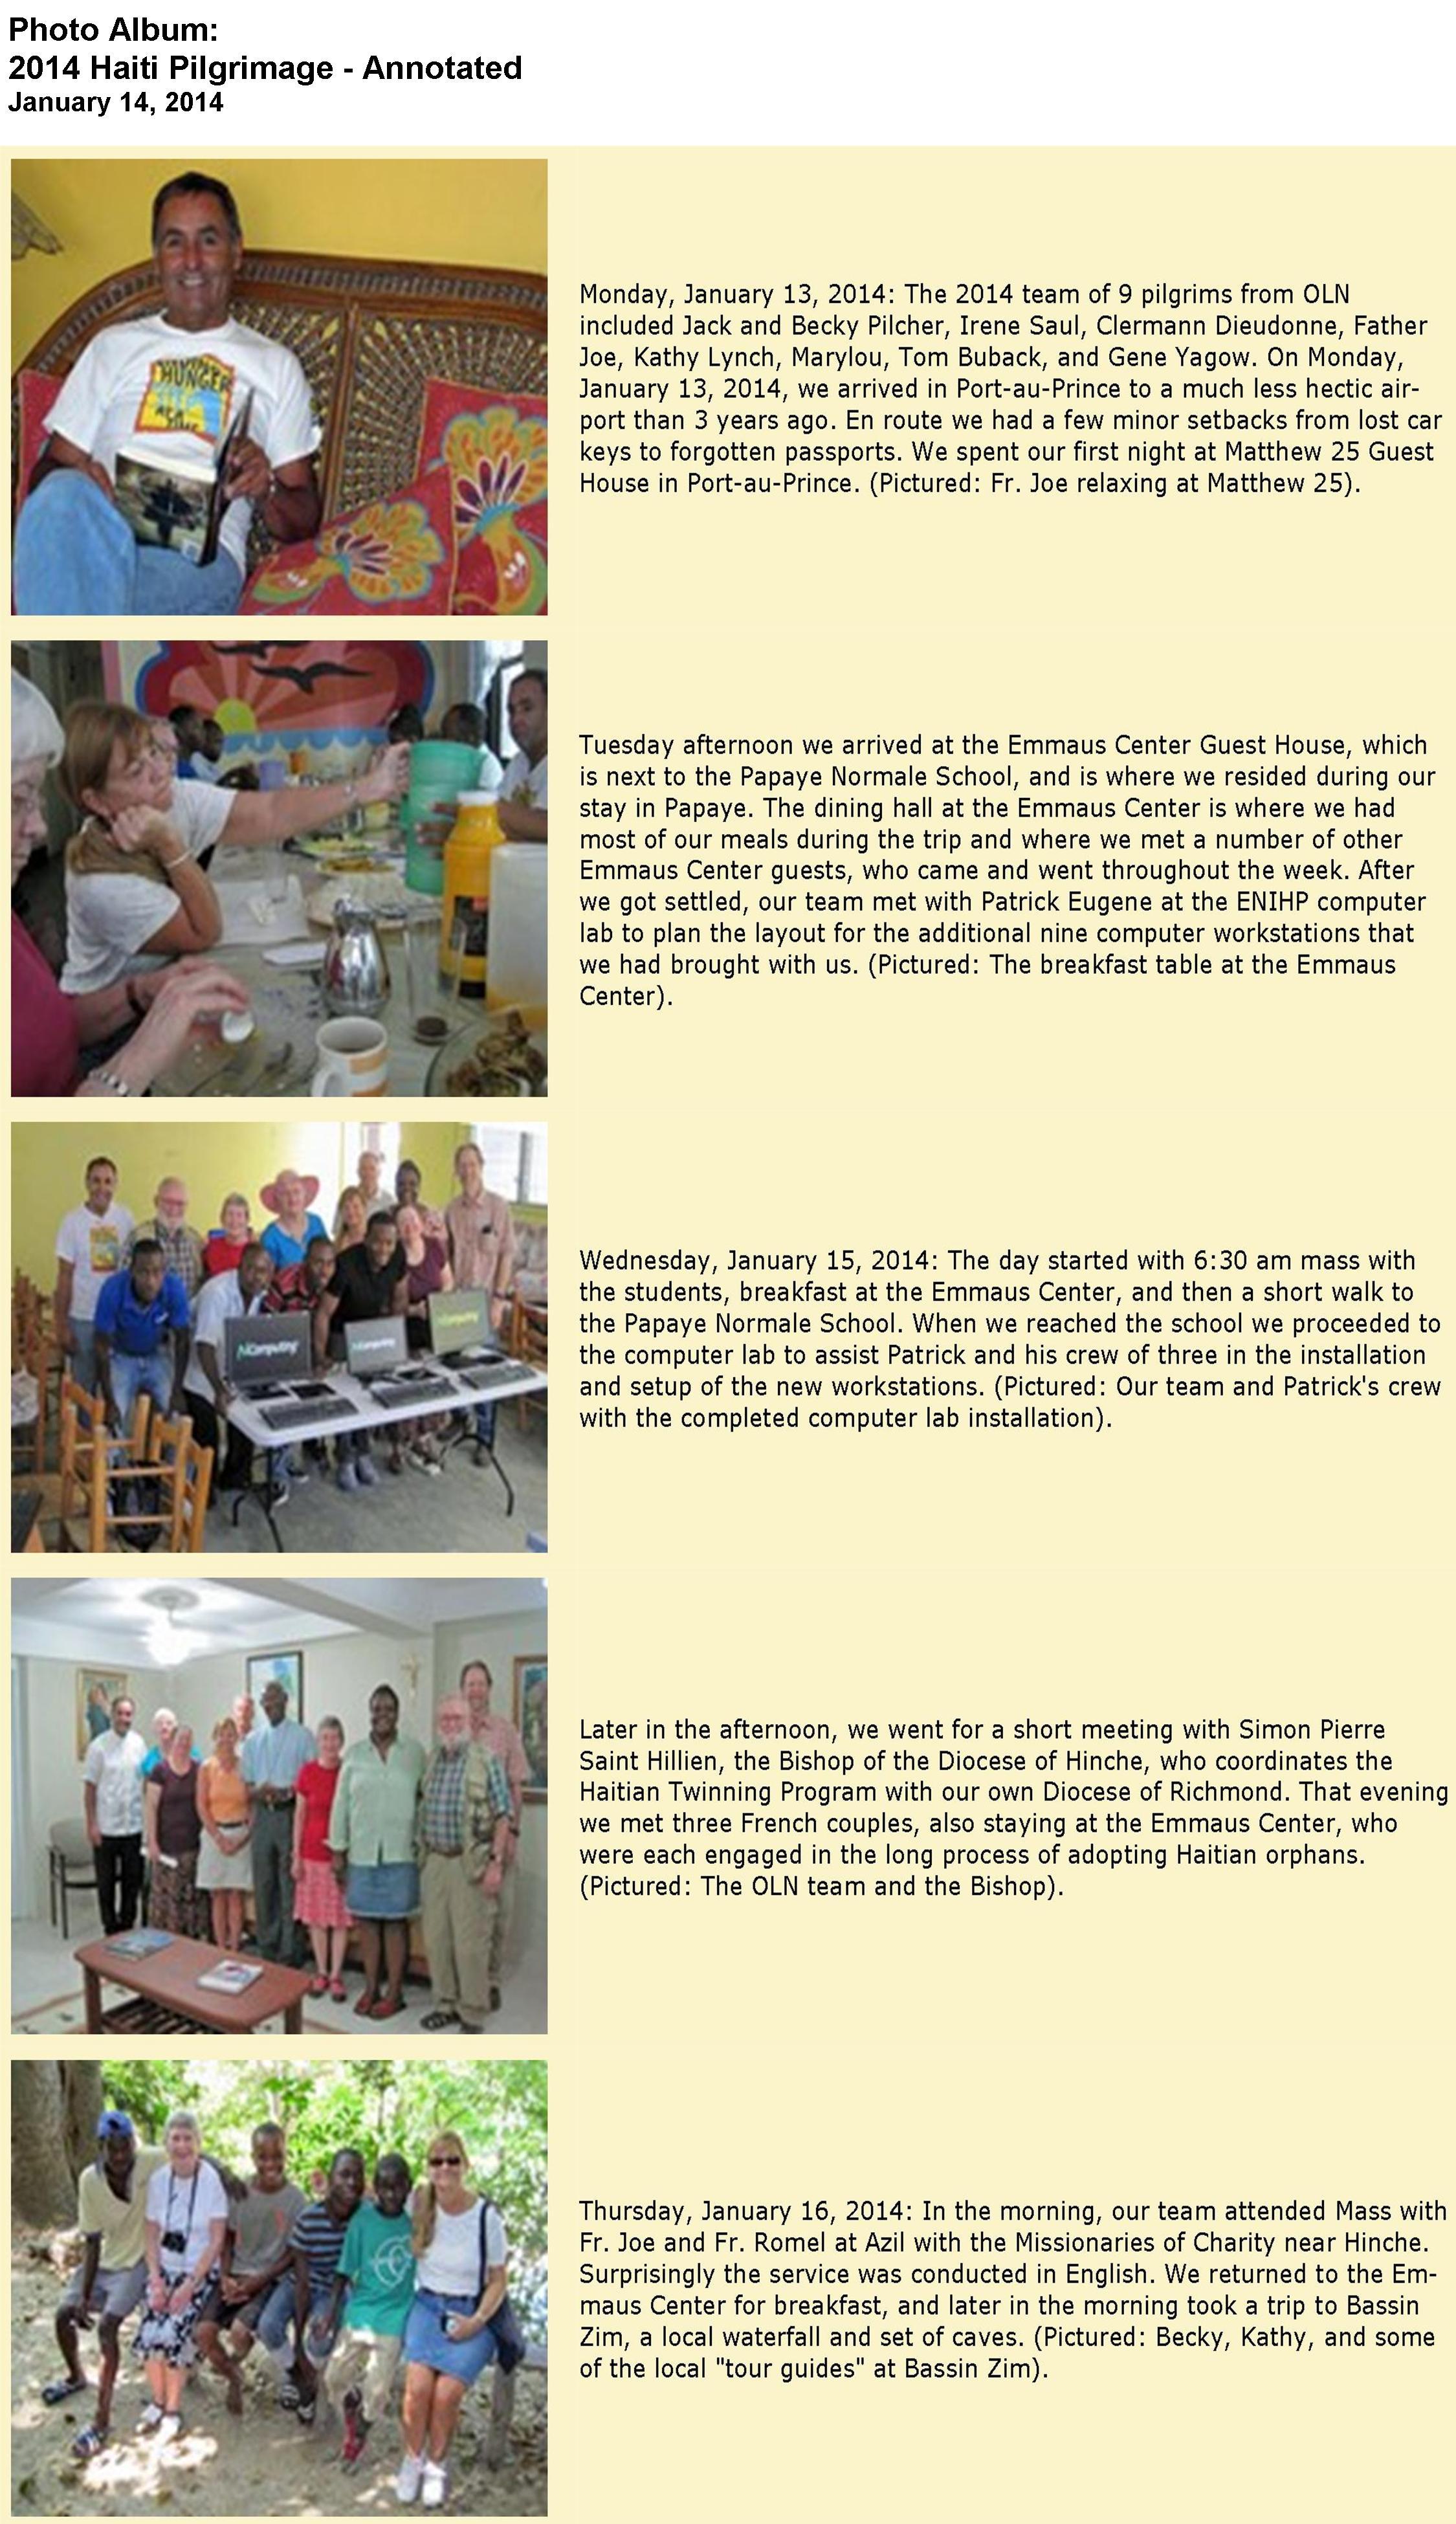 2014 Annotated Photo AlbumP1.jpg